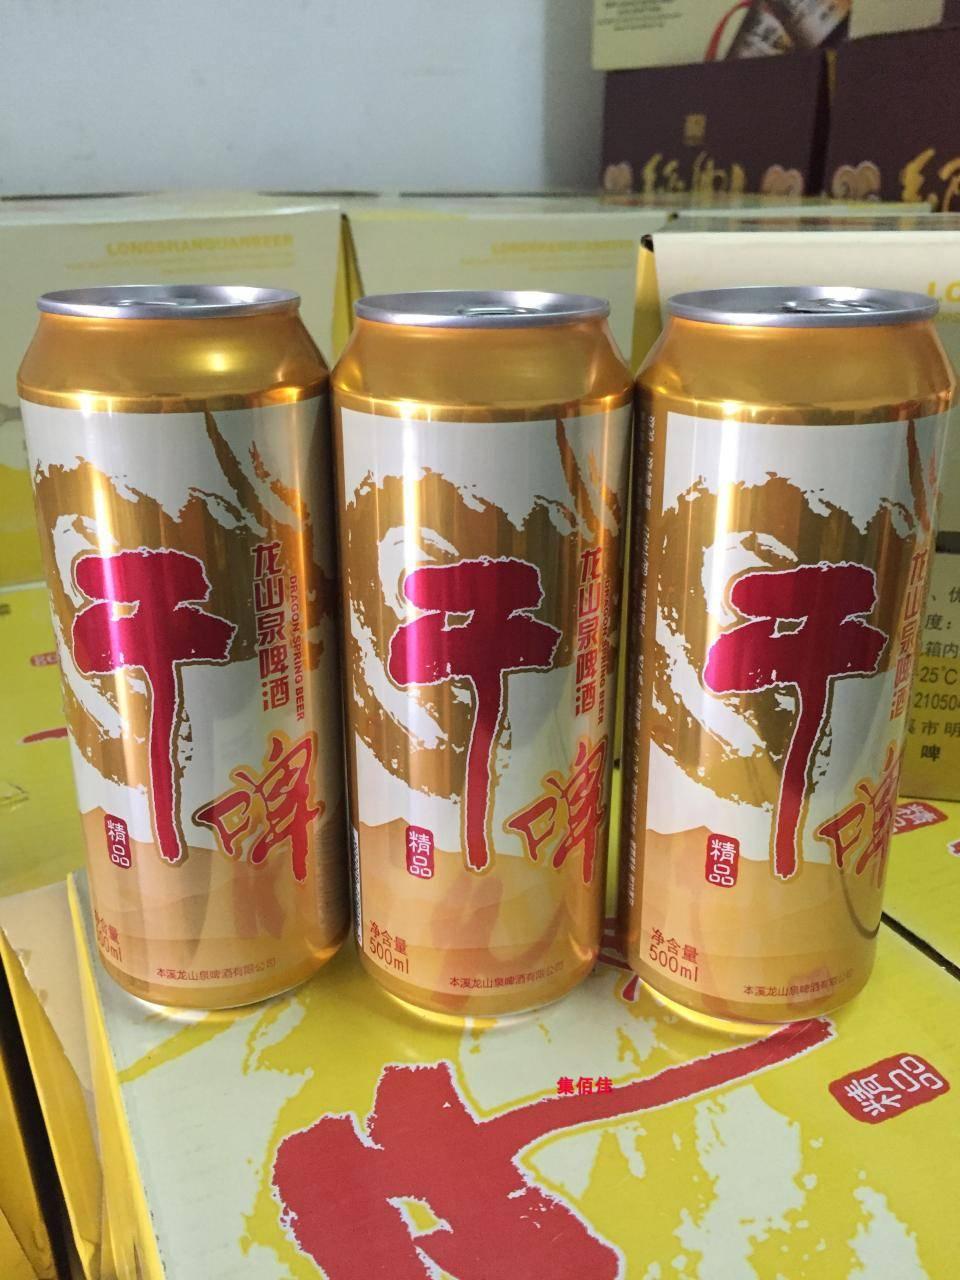 无糖啤酒有哪些品牌-中国市场有哪些啤酒品牌?-大麦丫-精酿啤酒连锁超市,工厂店平价酒吧免费加盟